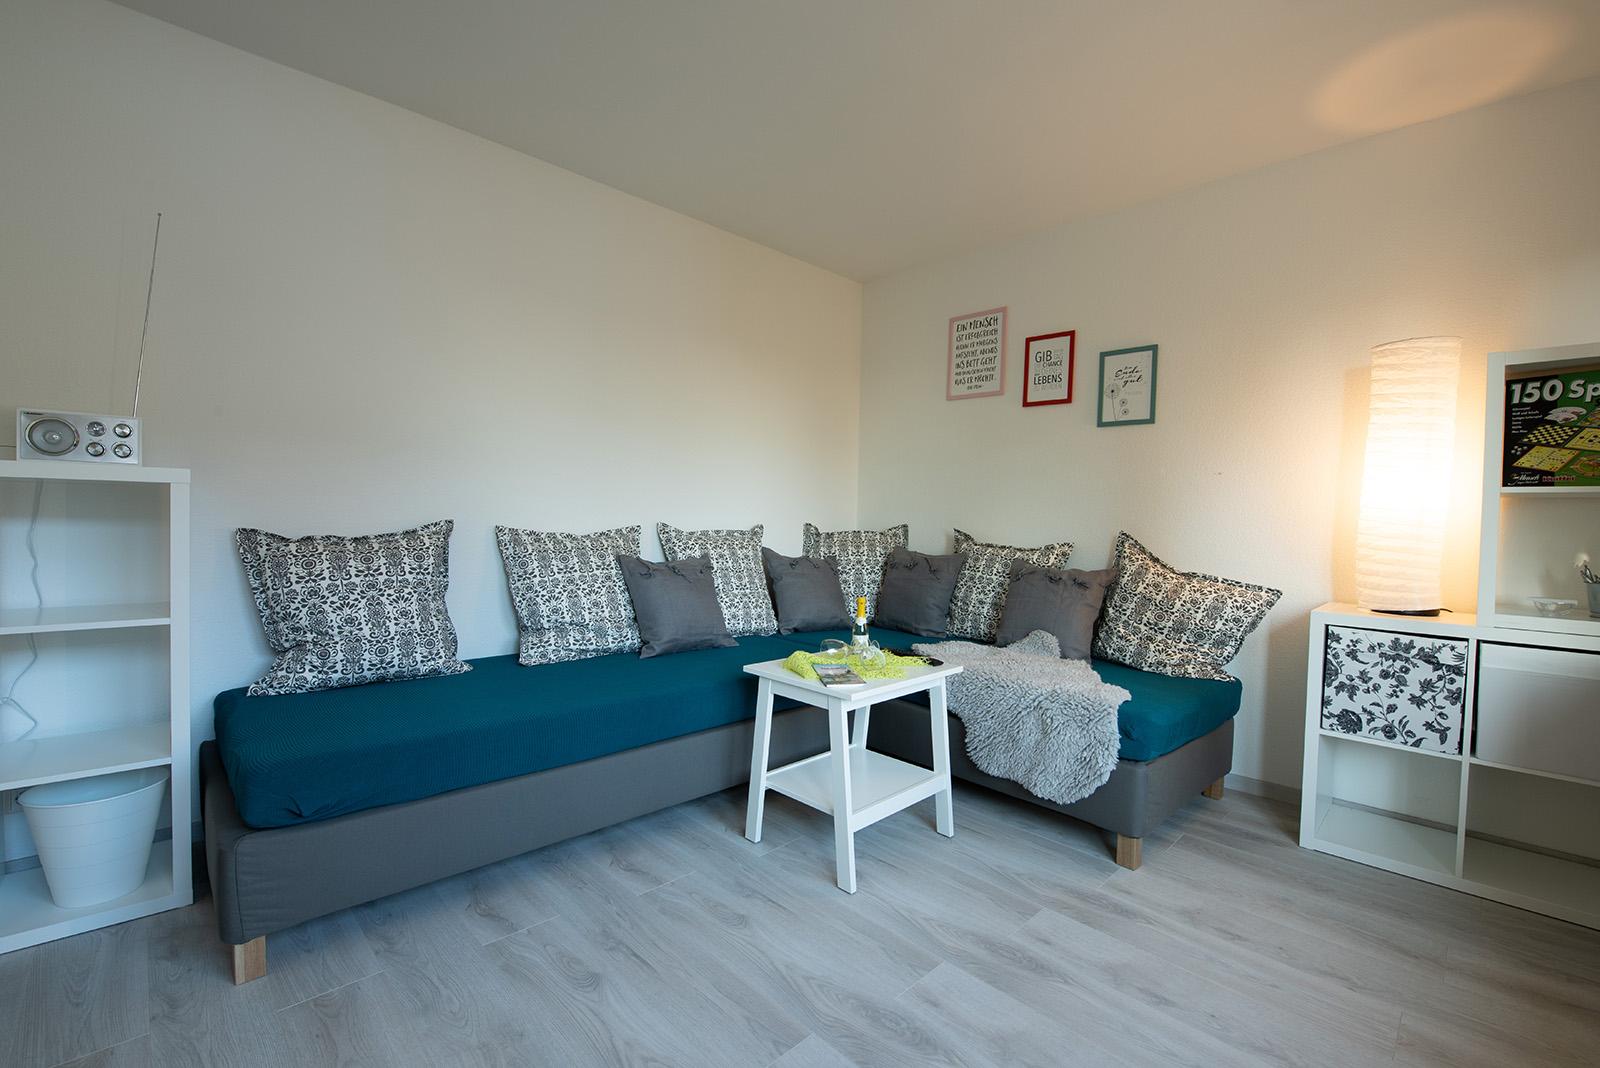 Ferienwohnung am Bodensee: Ittendorf - Wohnzimmer